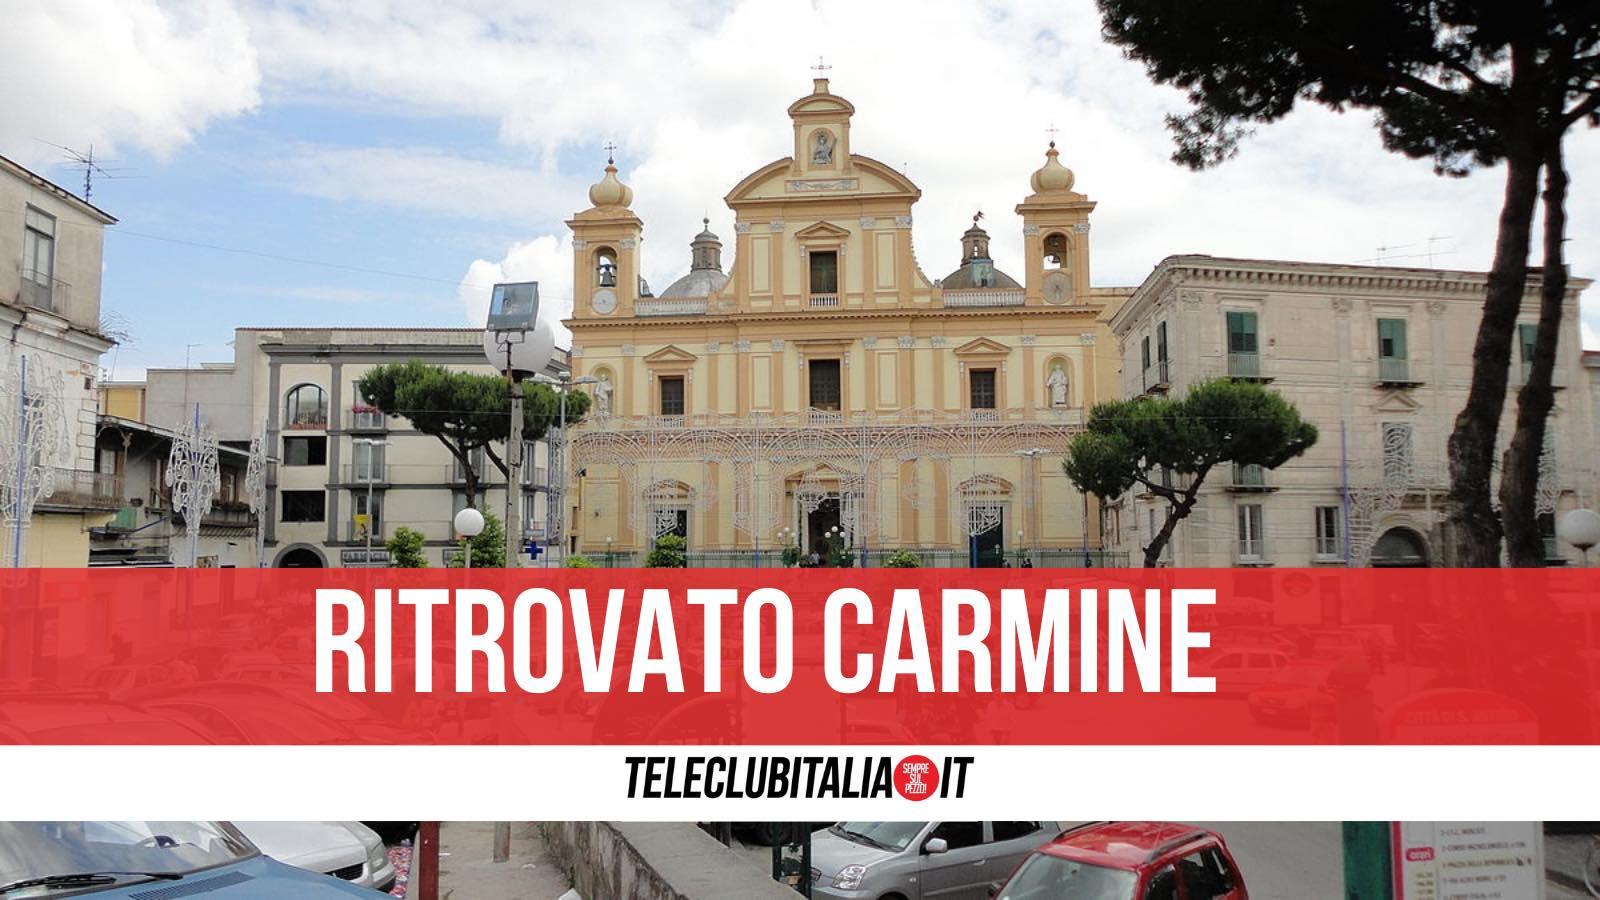 carmine ritrovato sant'antimo